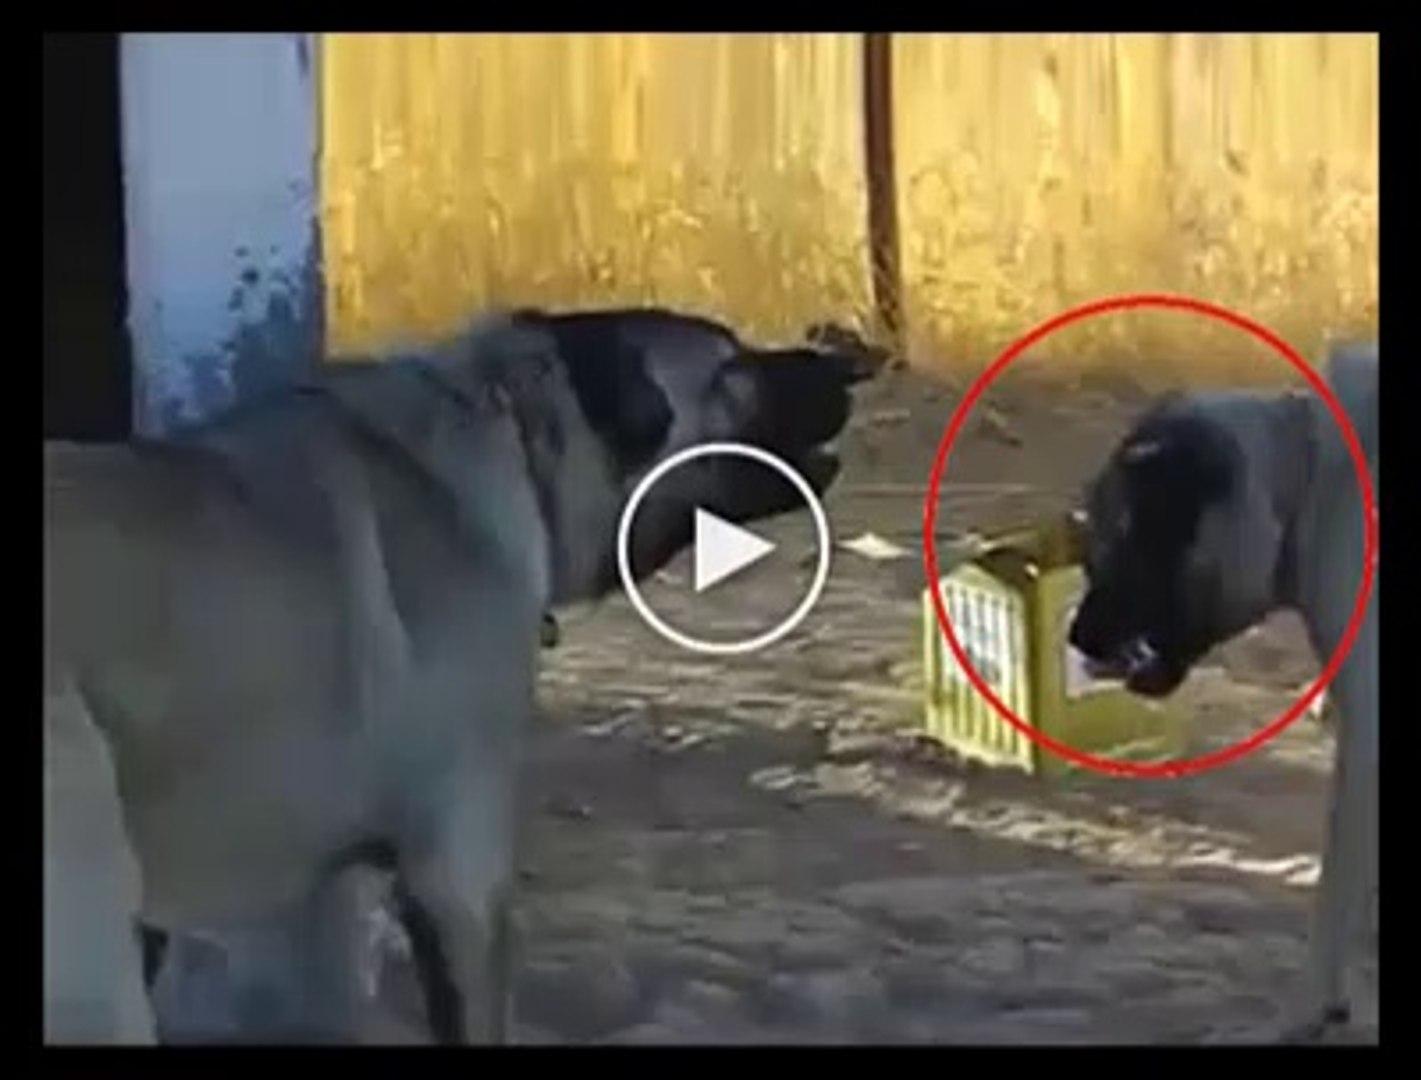 SiVAS KANGAL KOPEKLERi ATISMALARI - ANATOLiAN SHEPHERD SiVAS KANGAL  DOGS